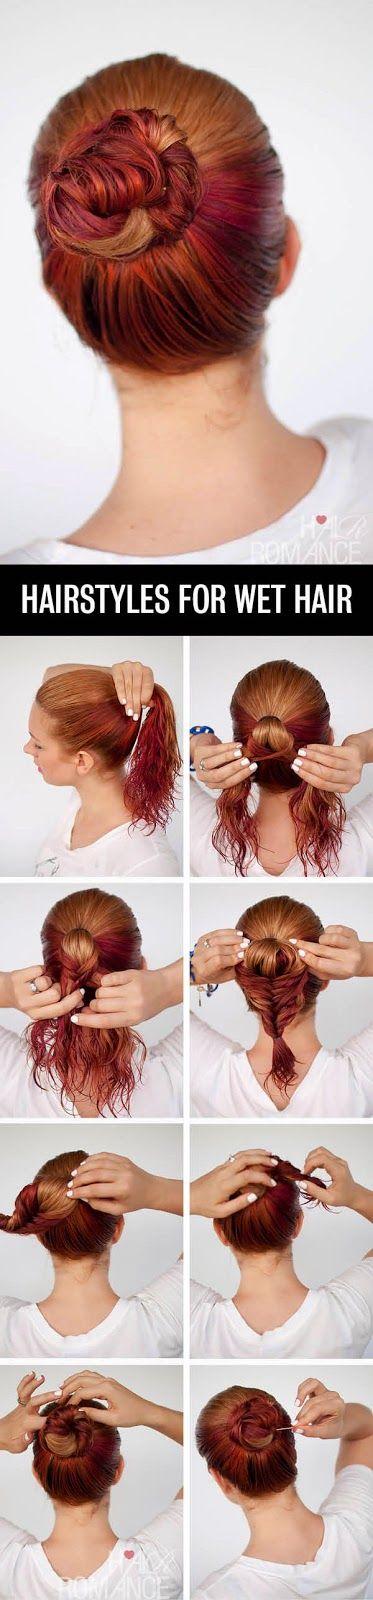 Nach Der Dusche Brotchen Frisur Fur Nasses Haar Tutorial Bob Frisuren Haar Styling Haartutorial Nasse Haare